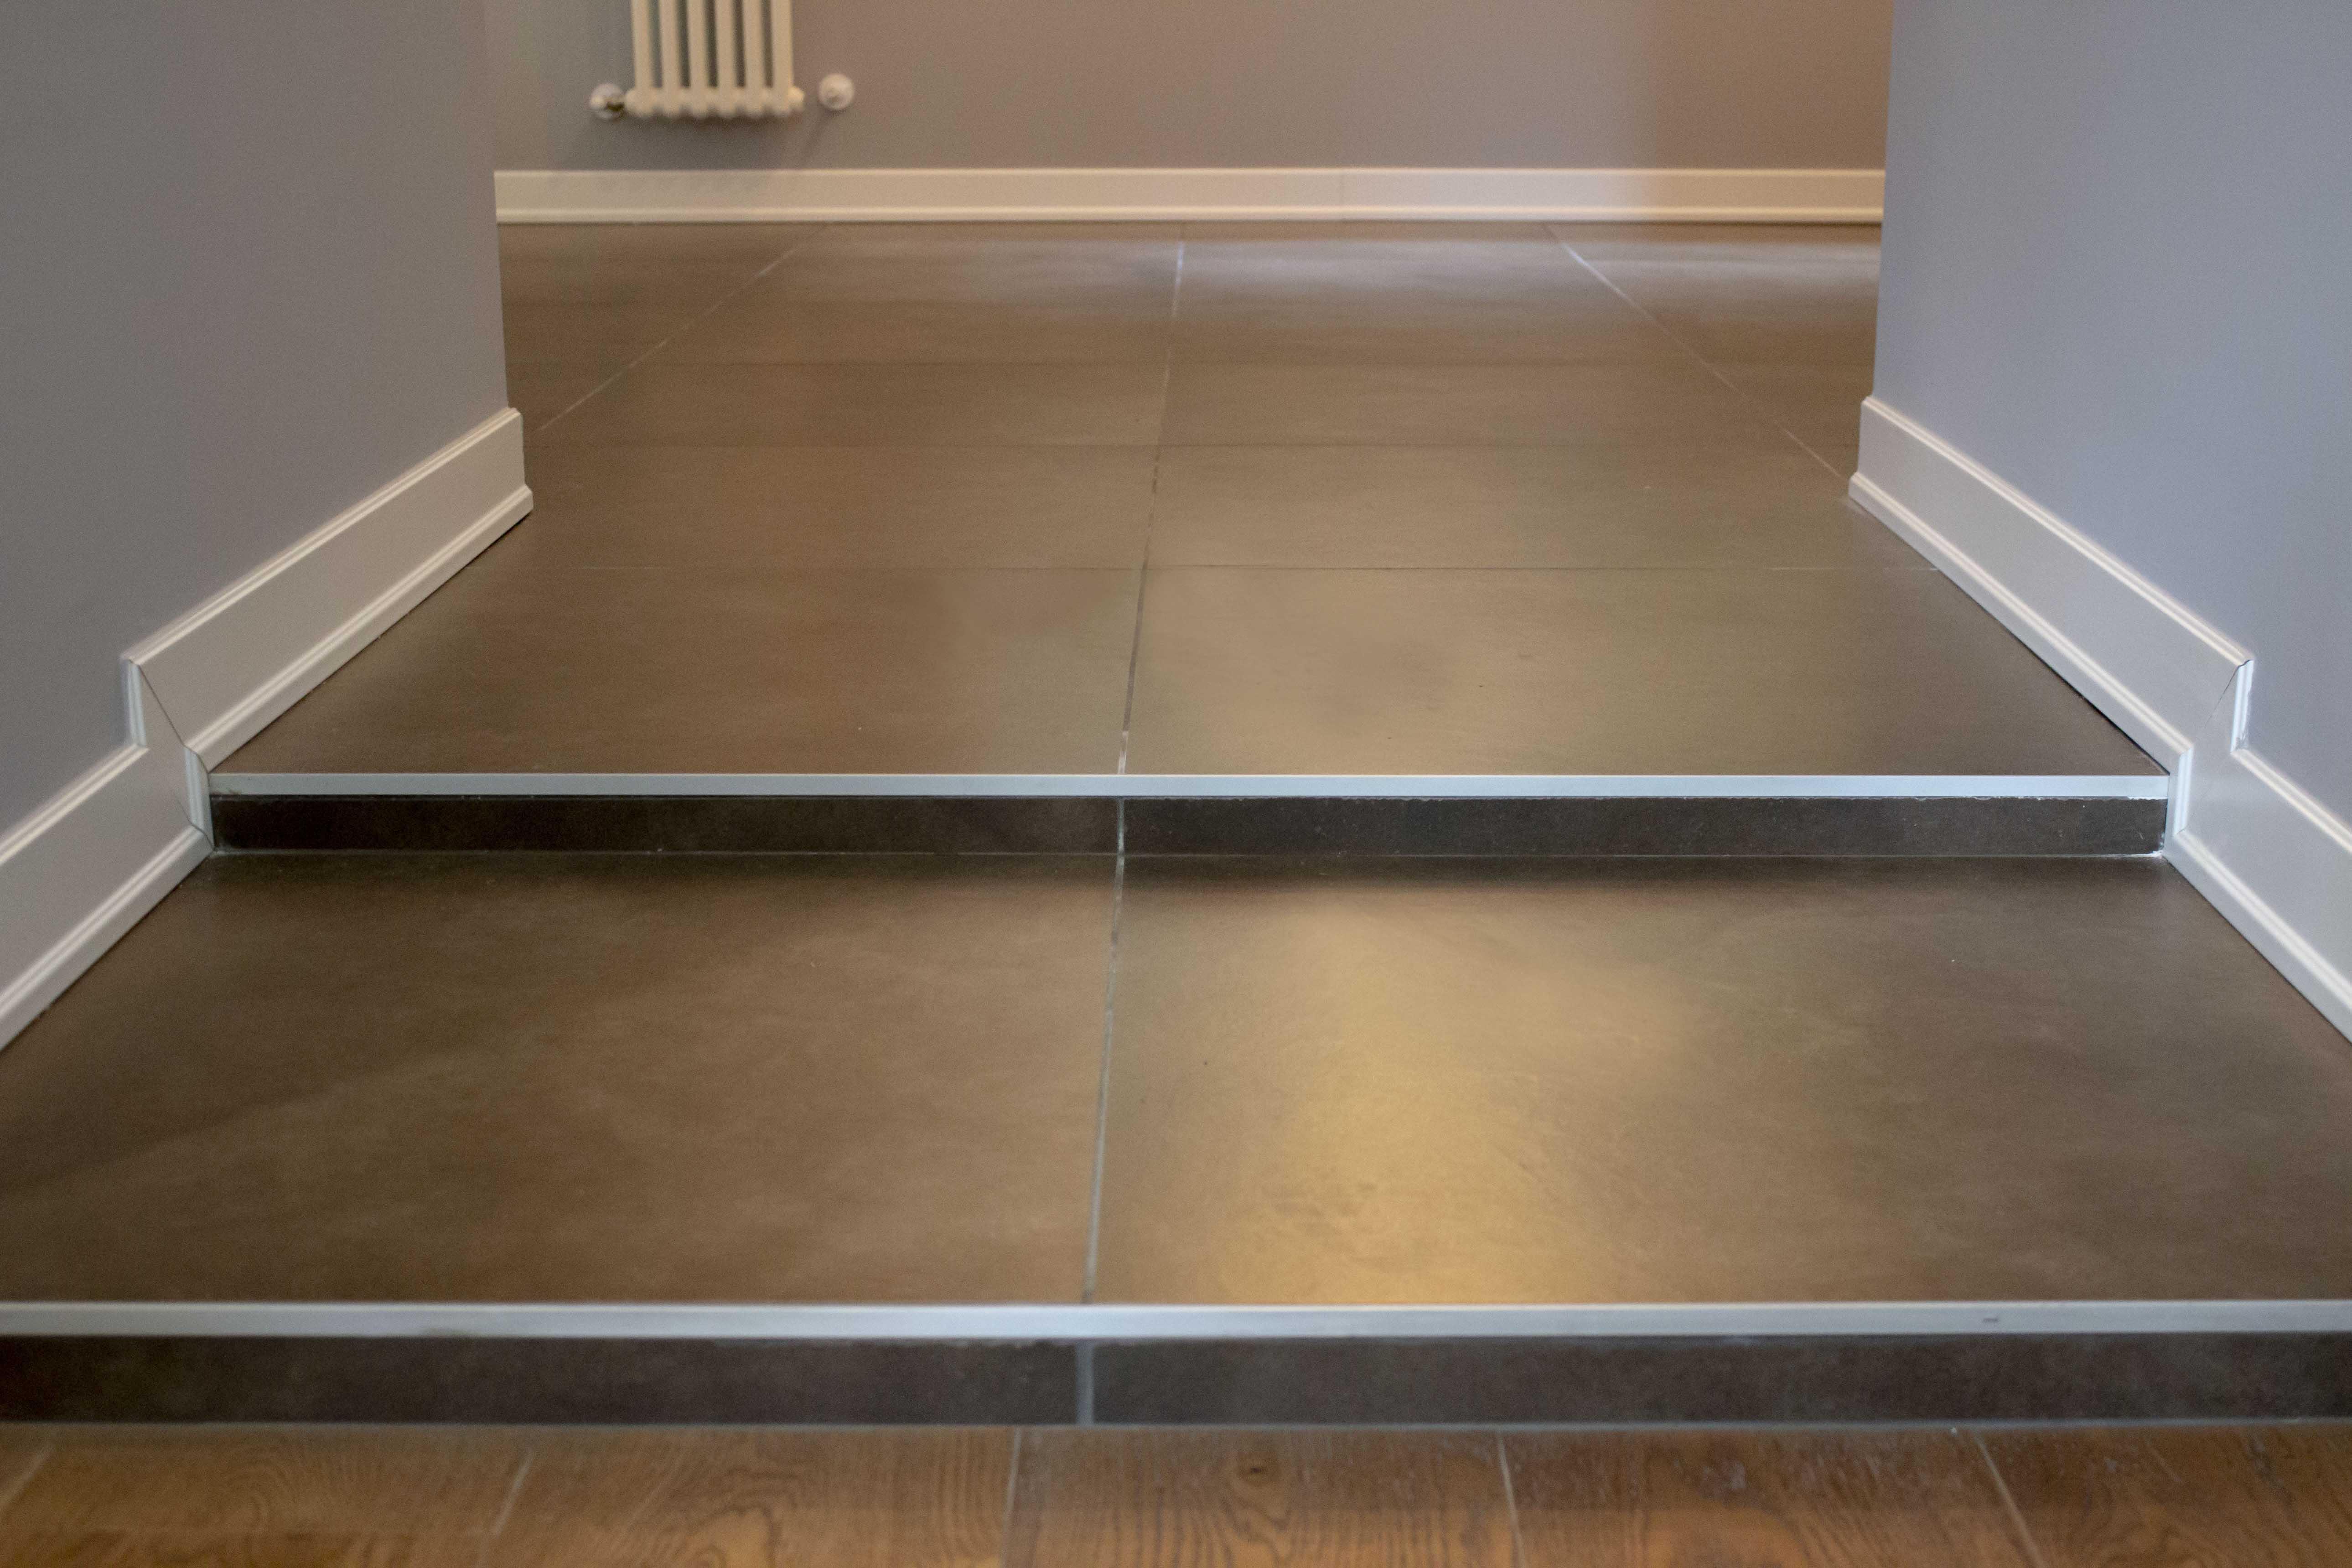 ll pavimento della cucina: un elemento da non trascurare